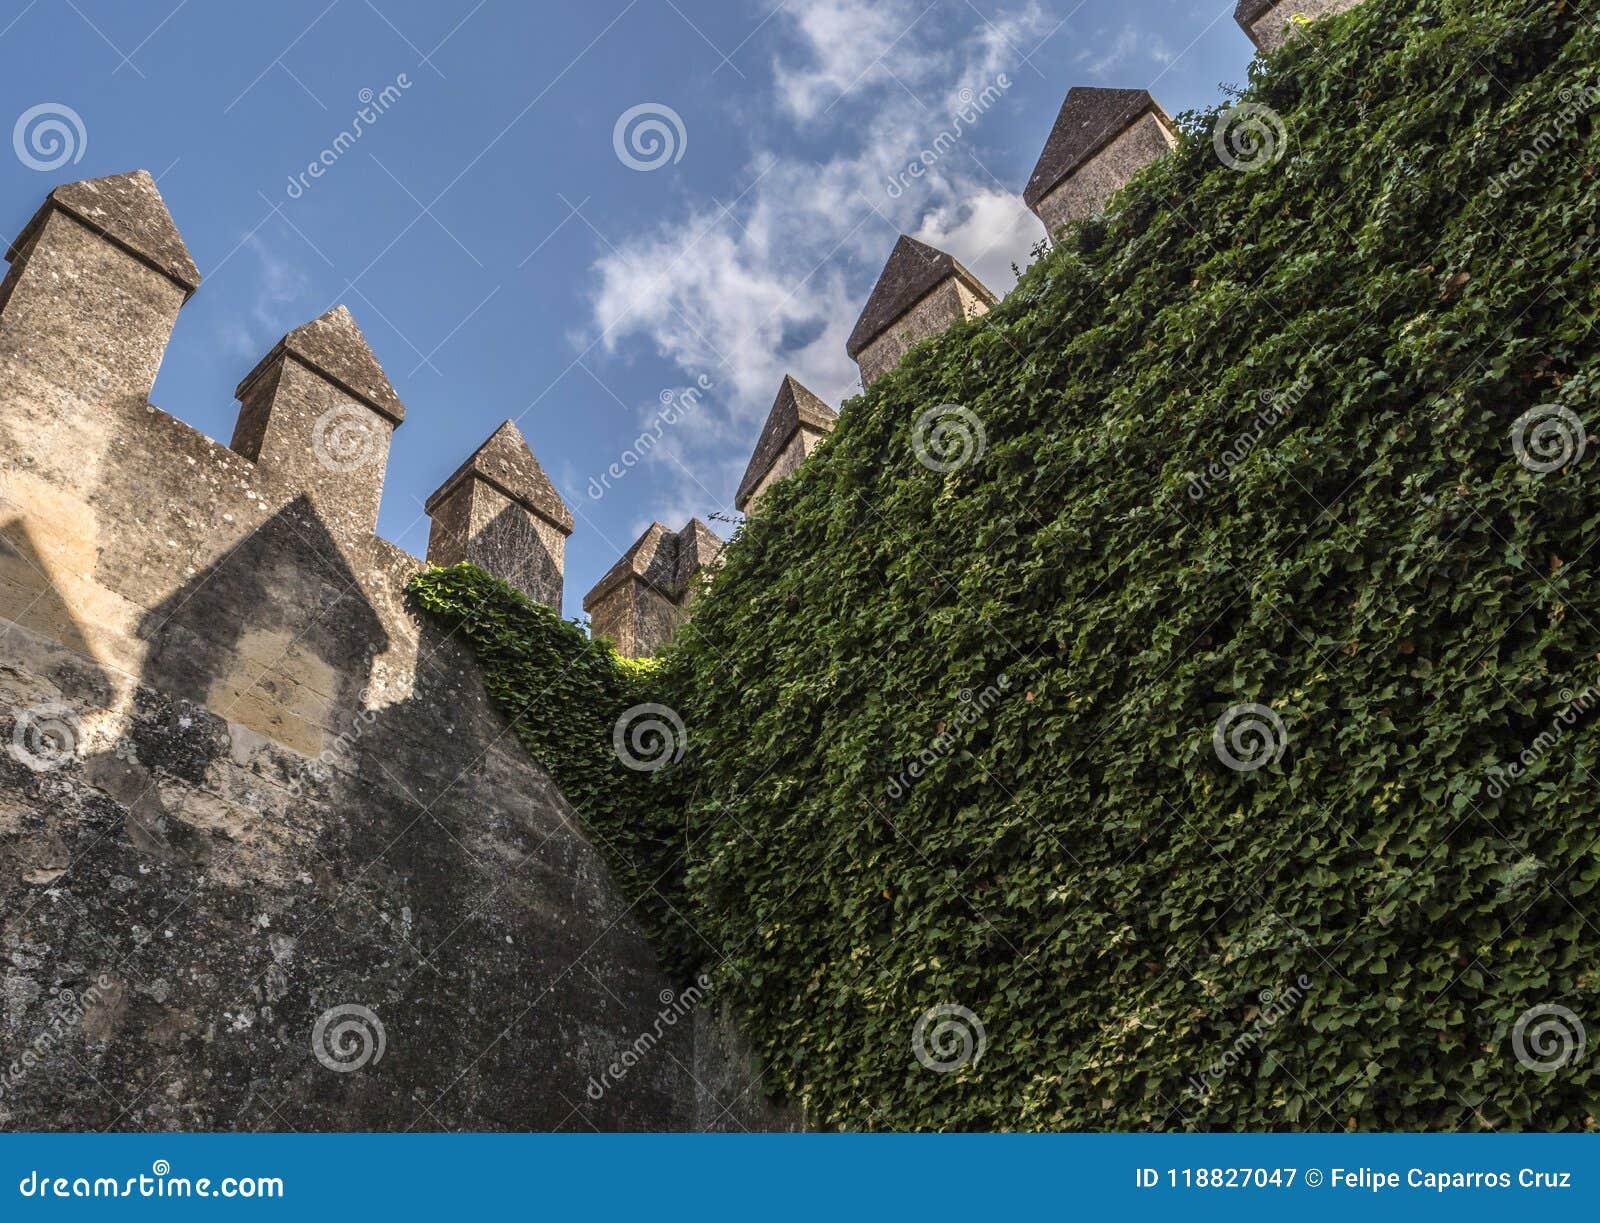 castillo del del río de almodovar es una fortaleza de ánimo del